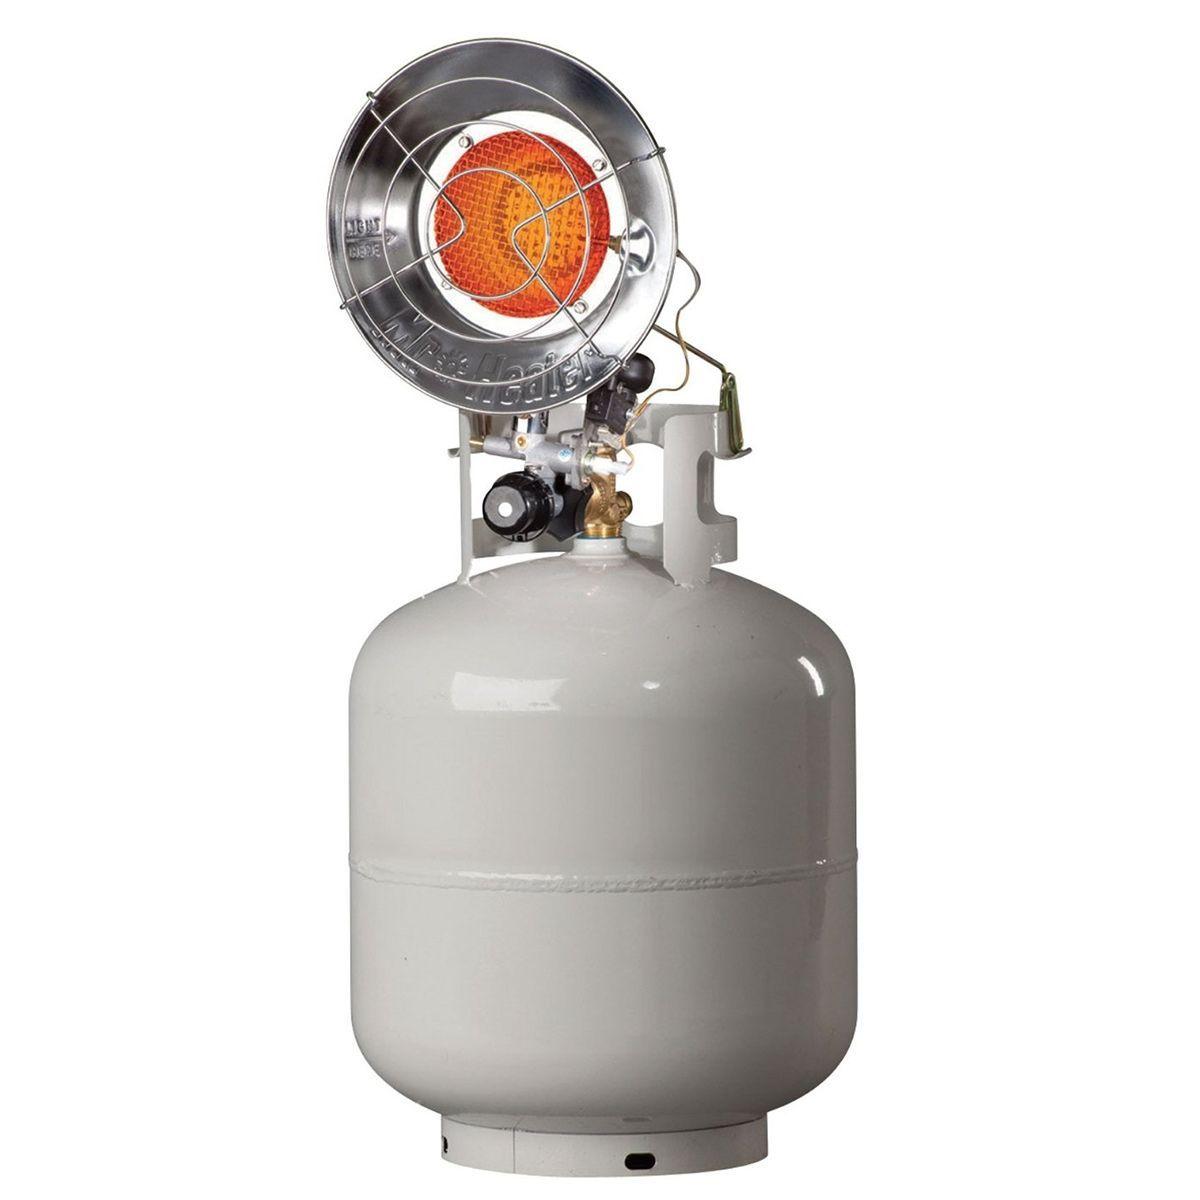 Mr Heater 15 000 Btu Propane Heater Mh15t 15 000 Btu Propane Heater